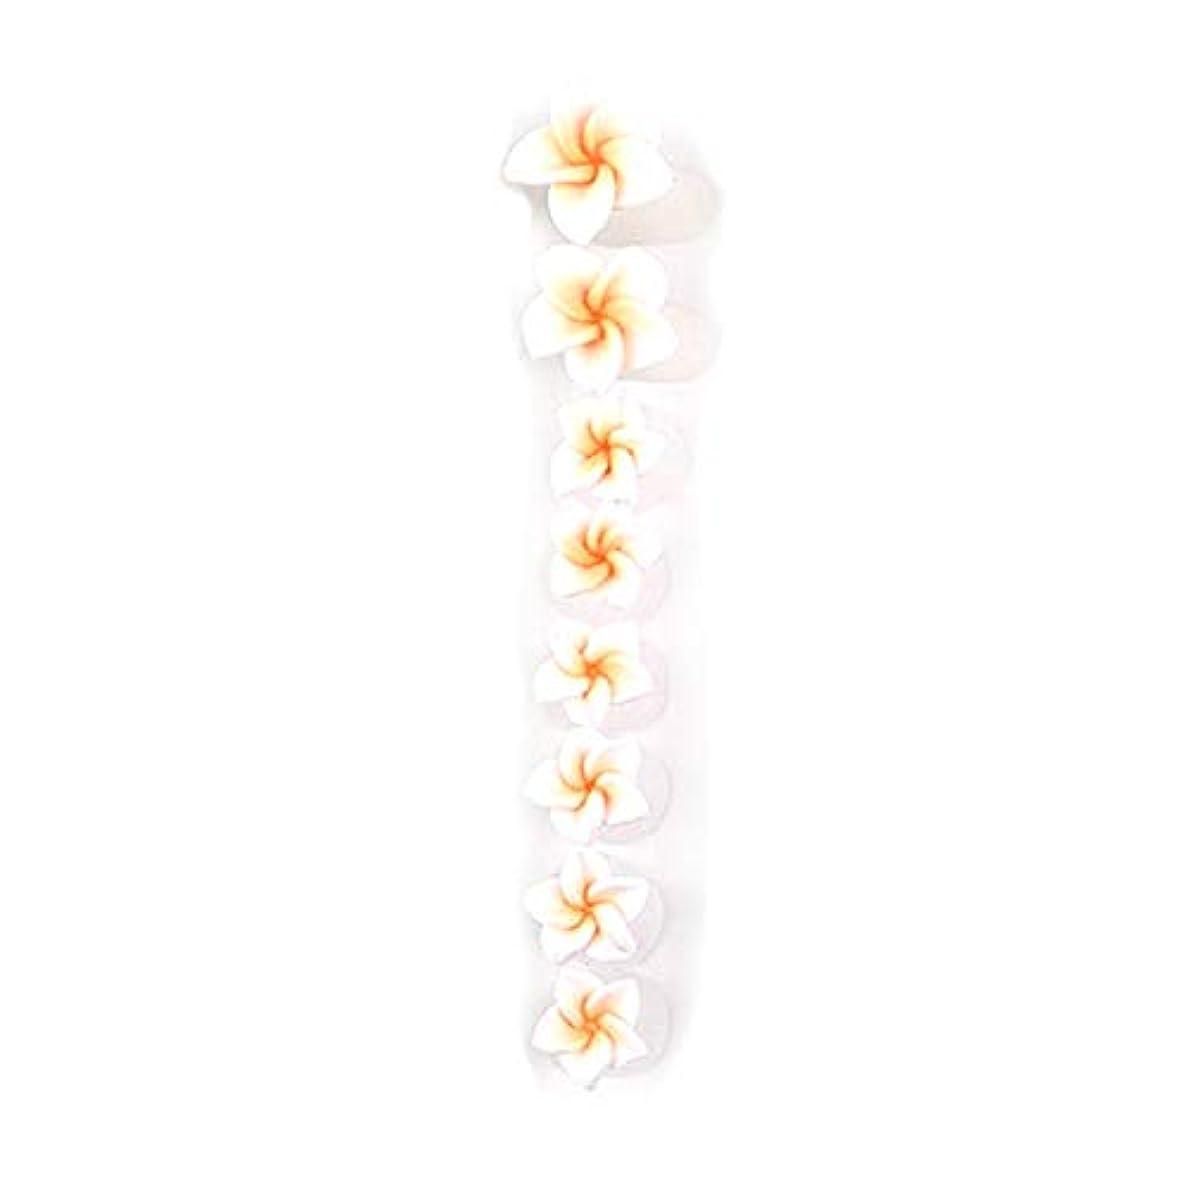 人工全員自伝8ピース/セットシリコンつま先セパレーター足つま先スペーサー花形ペディキュアDIYネイルアートツール-カラフル01#